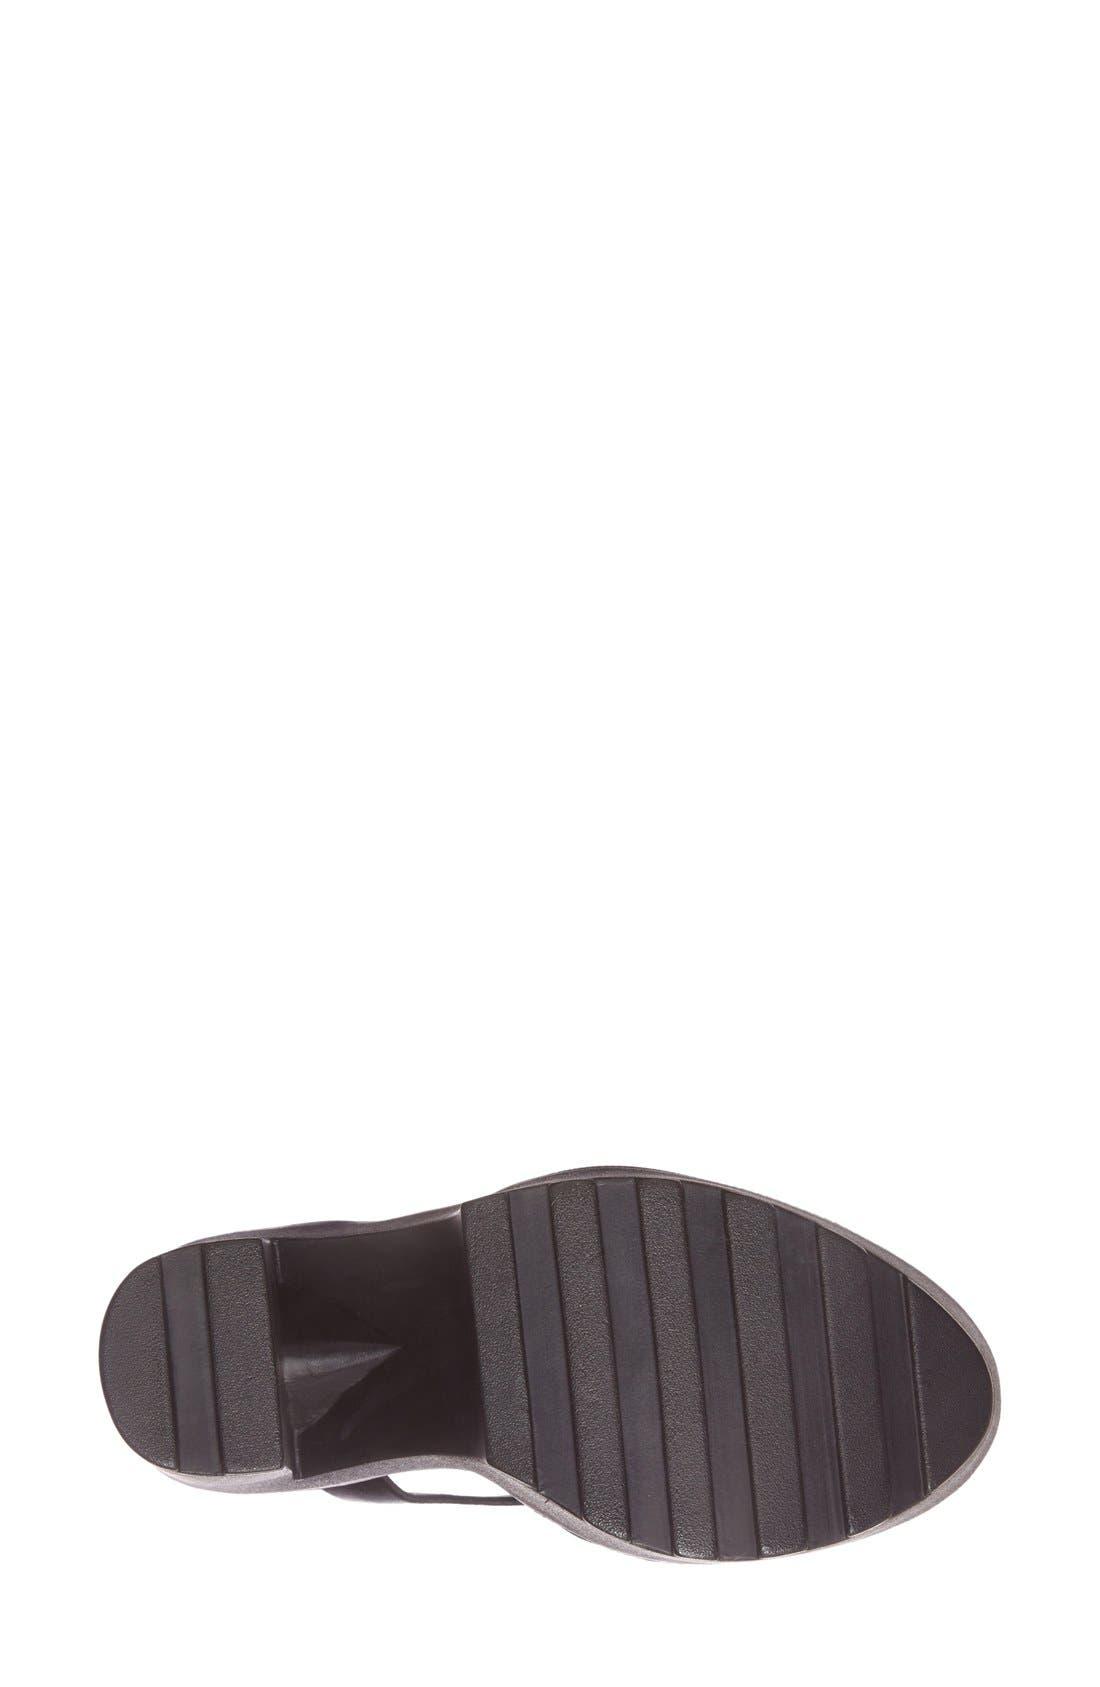 Alternate Image 4  - Steve Madden 'Girltalk' Leather Platform Sandal (Women)